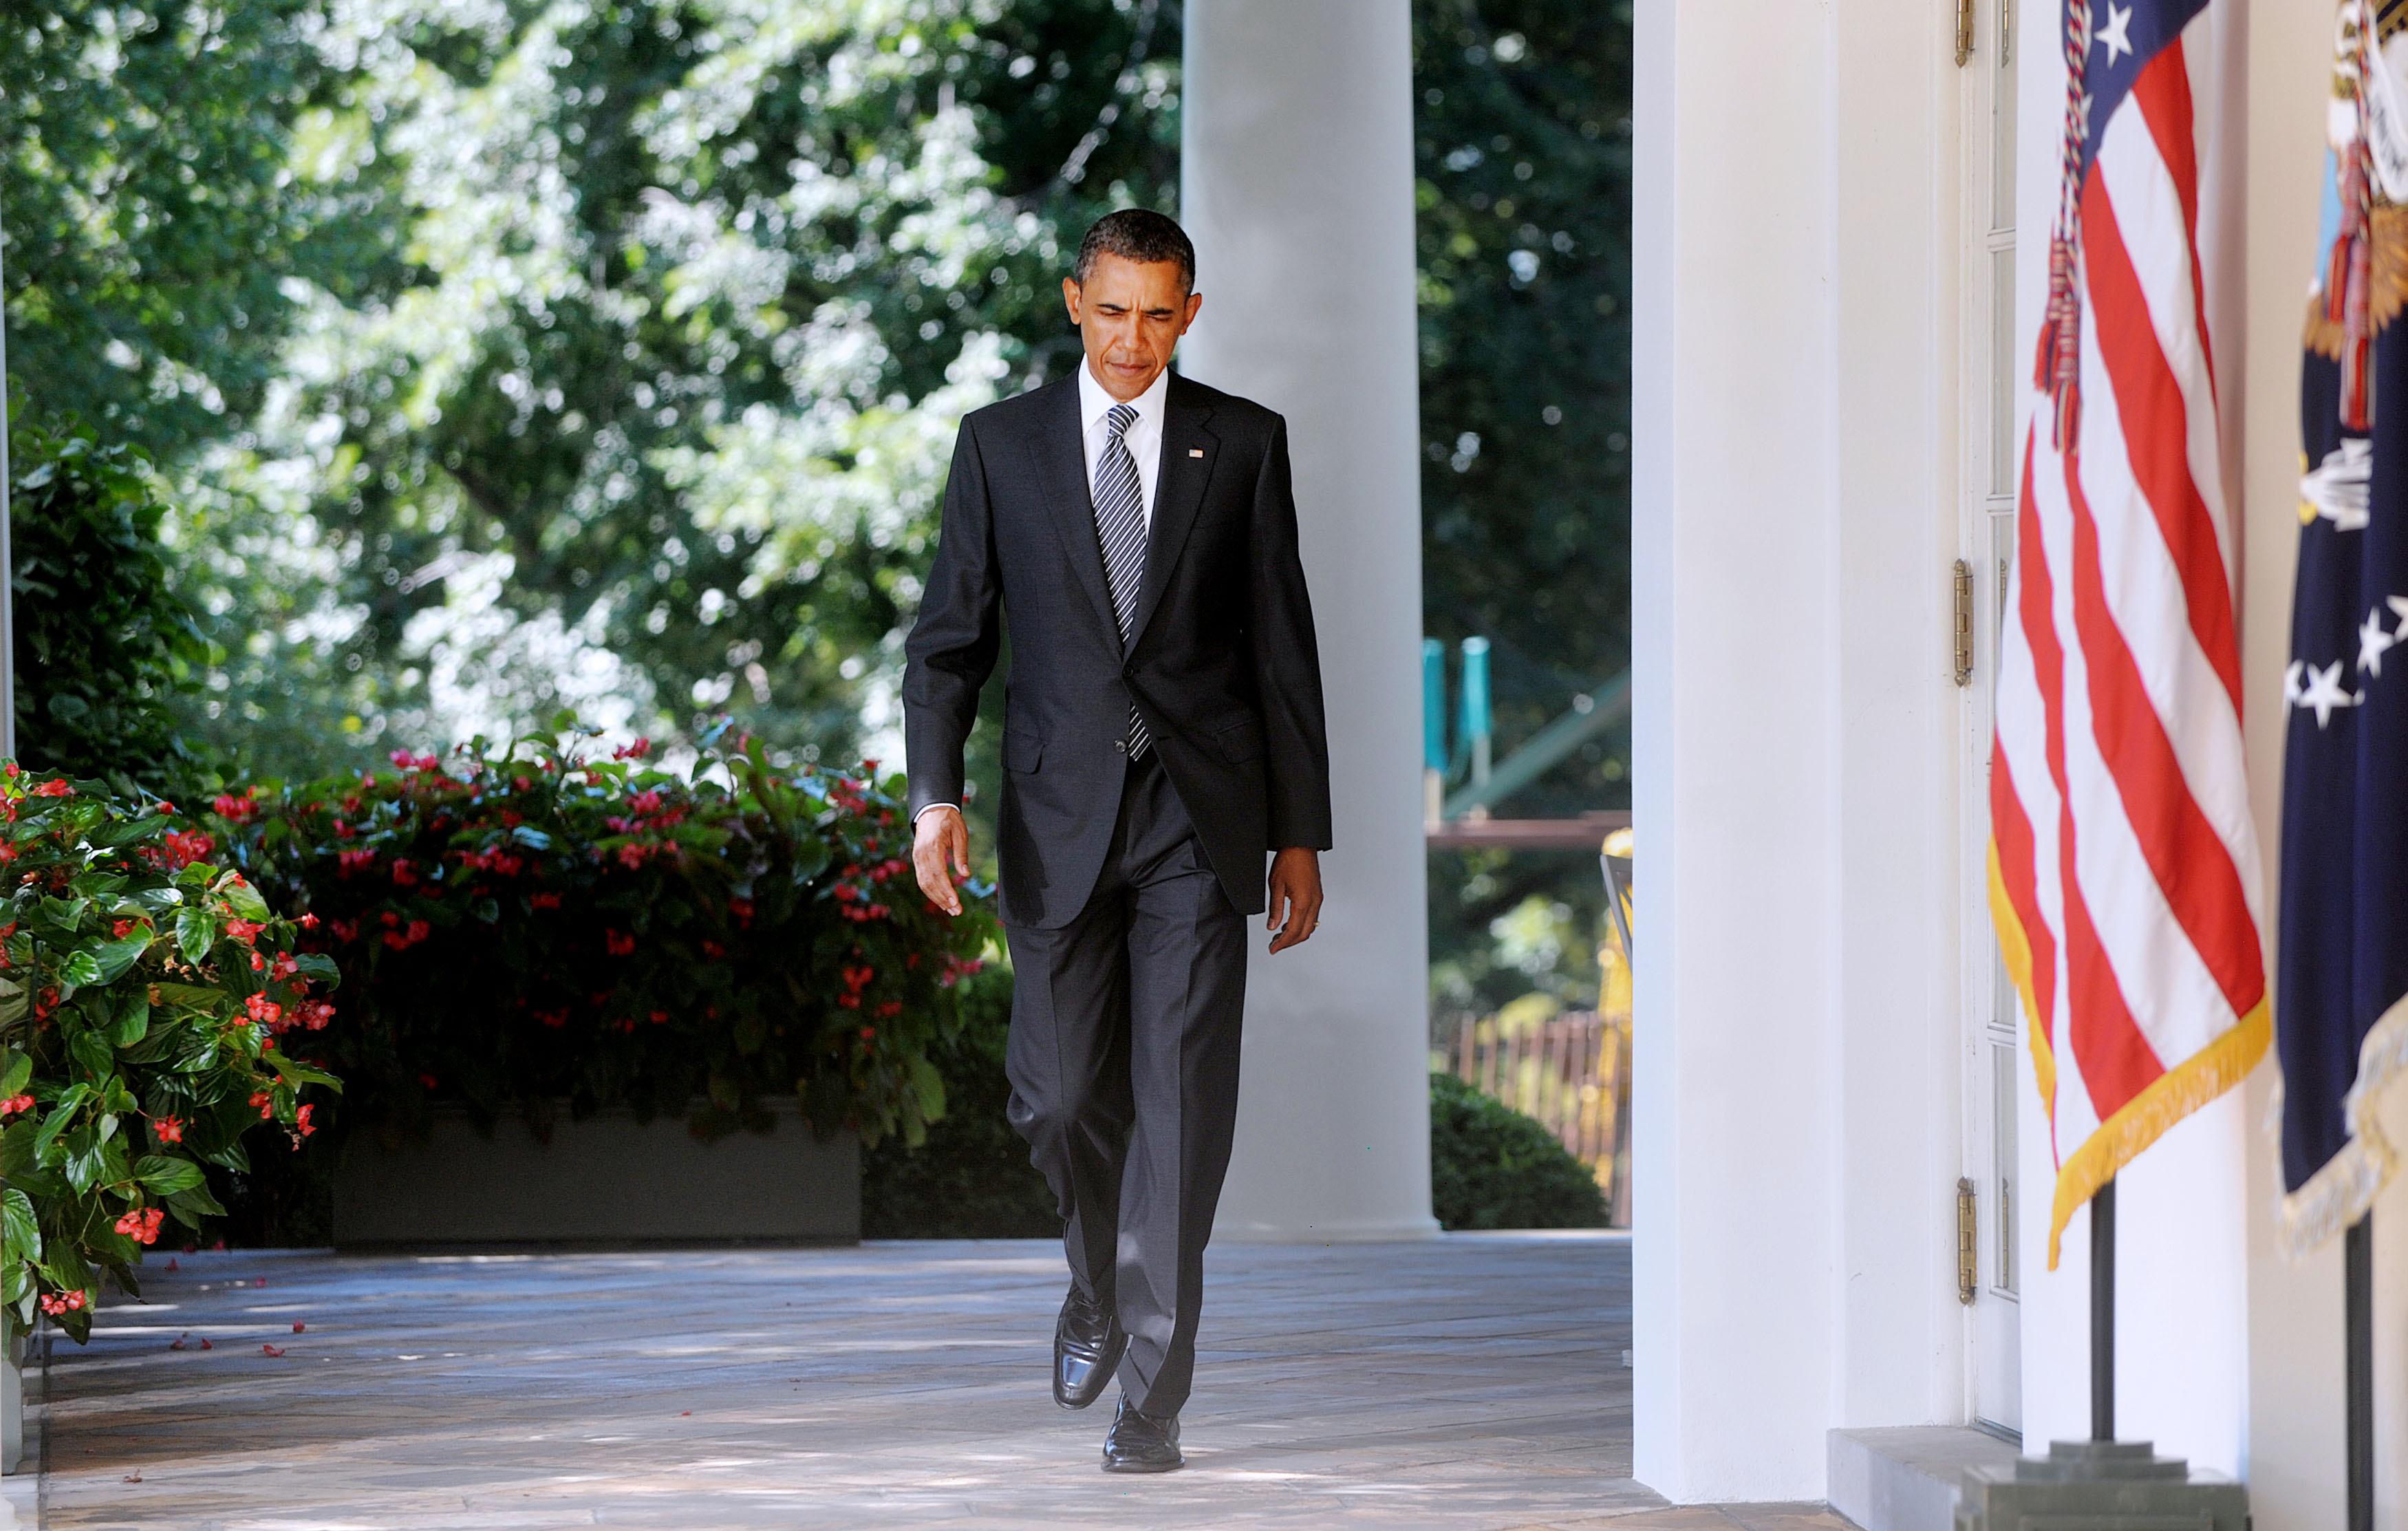 Obama, GOP wrangle over president's speech on jobs